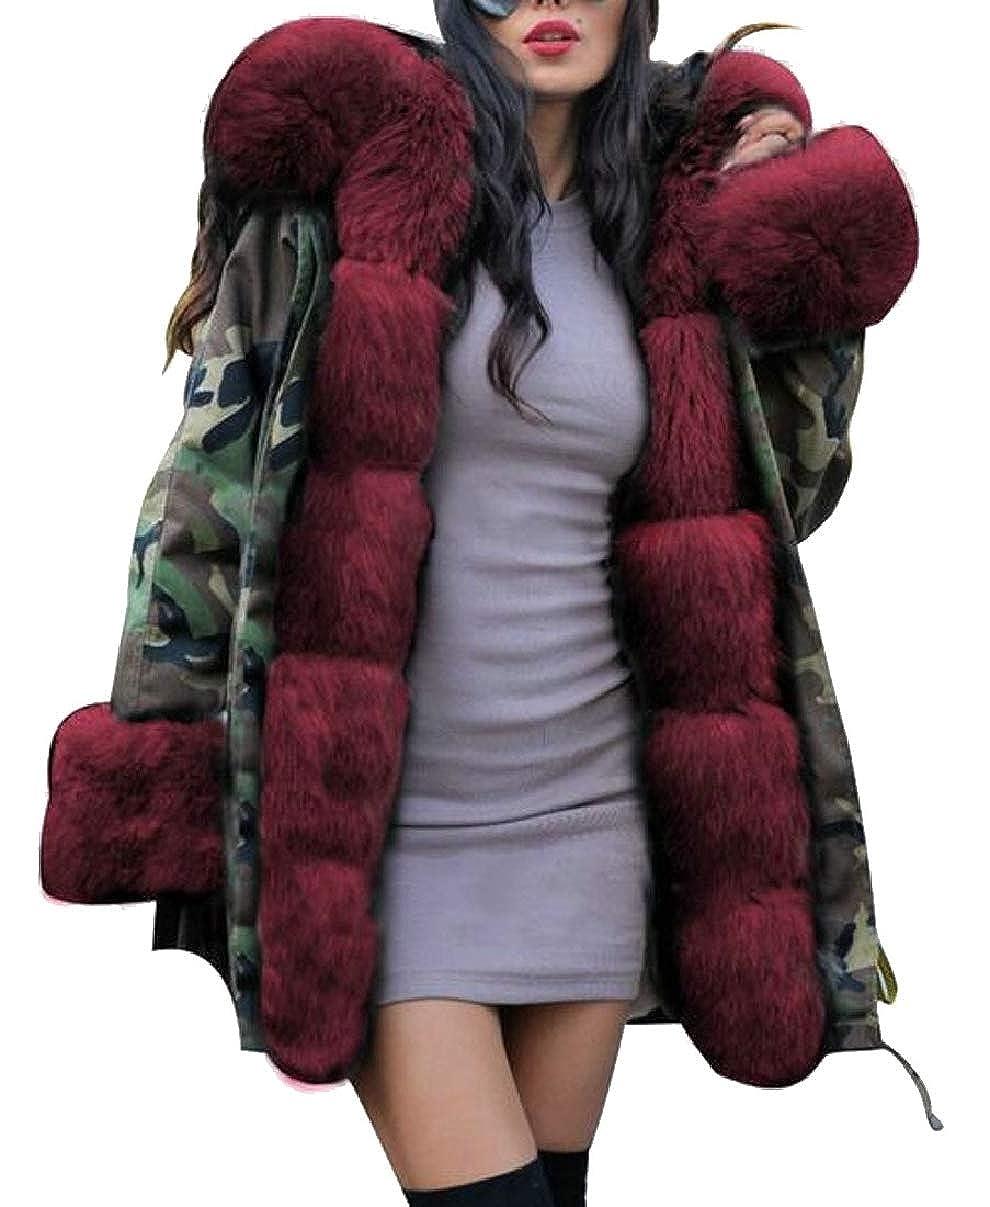 2 LEISHOP Women Winter Warm Hood Parka Overcoat Jacket Outwear